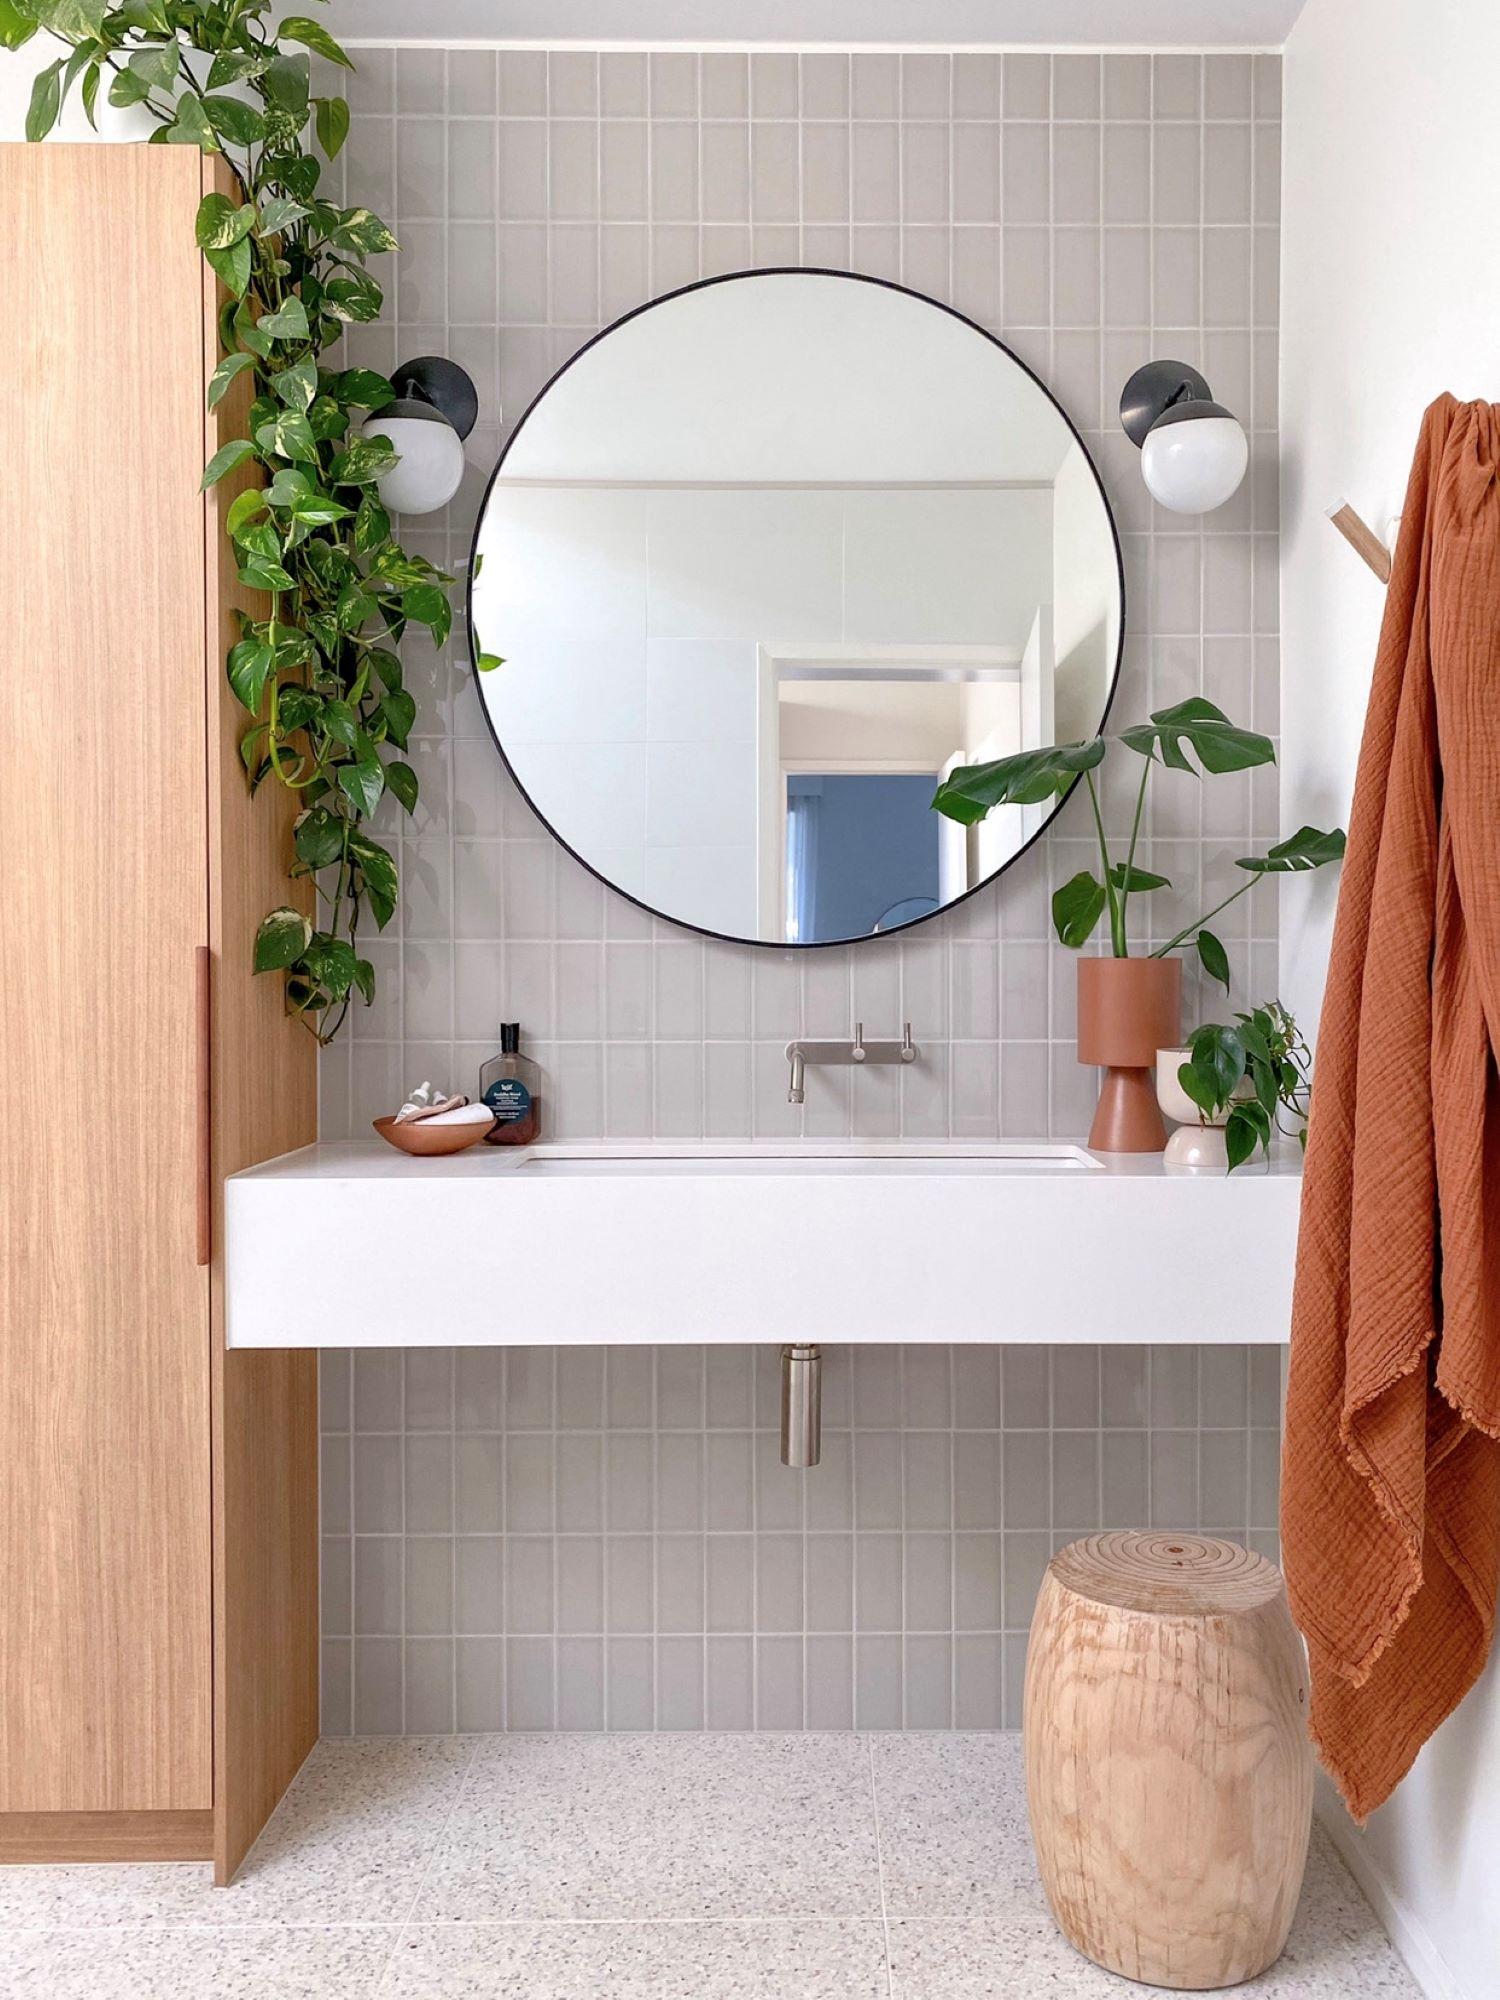 Interior designer Bettina Brent bathroom design